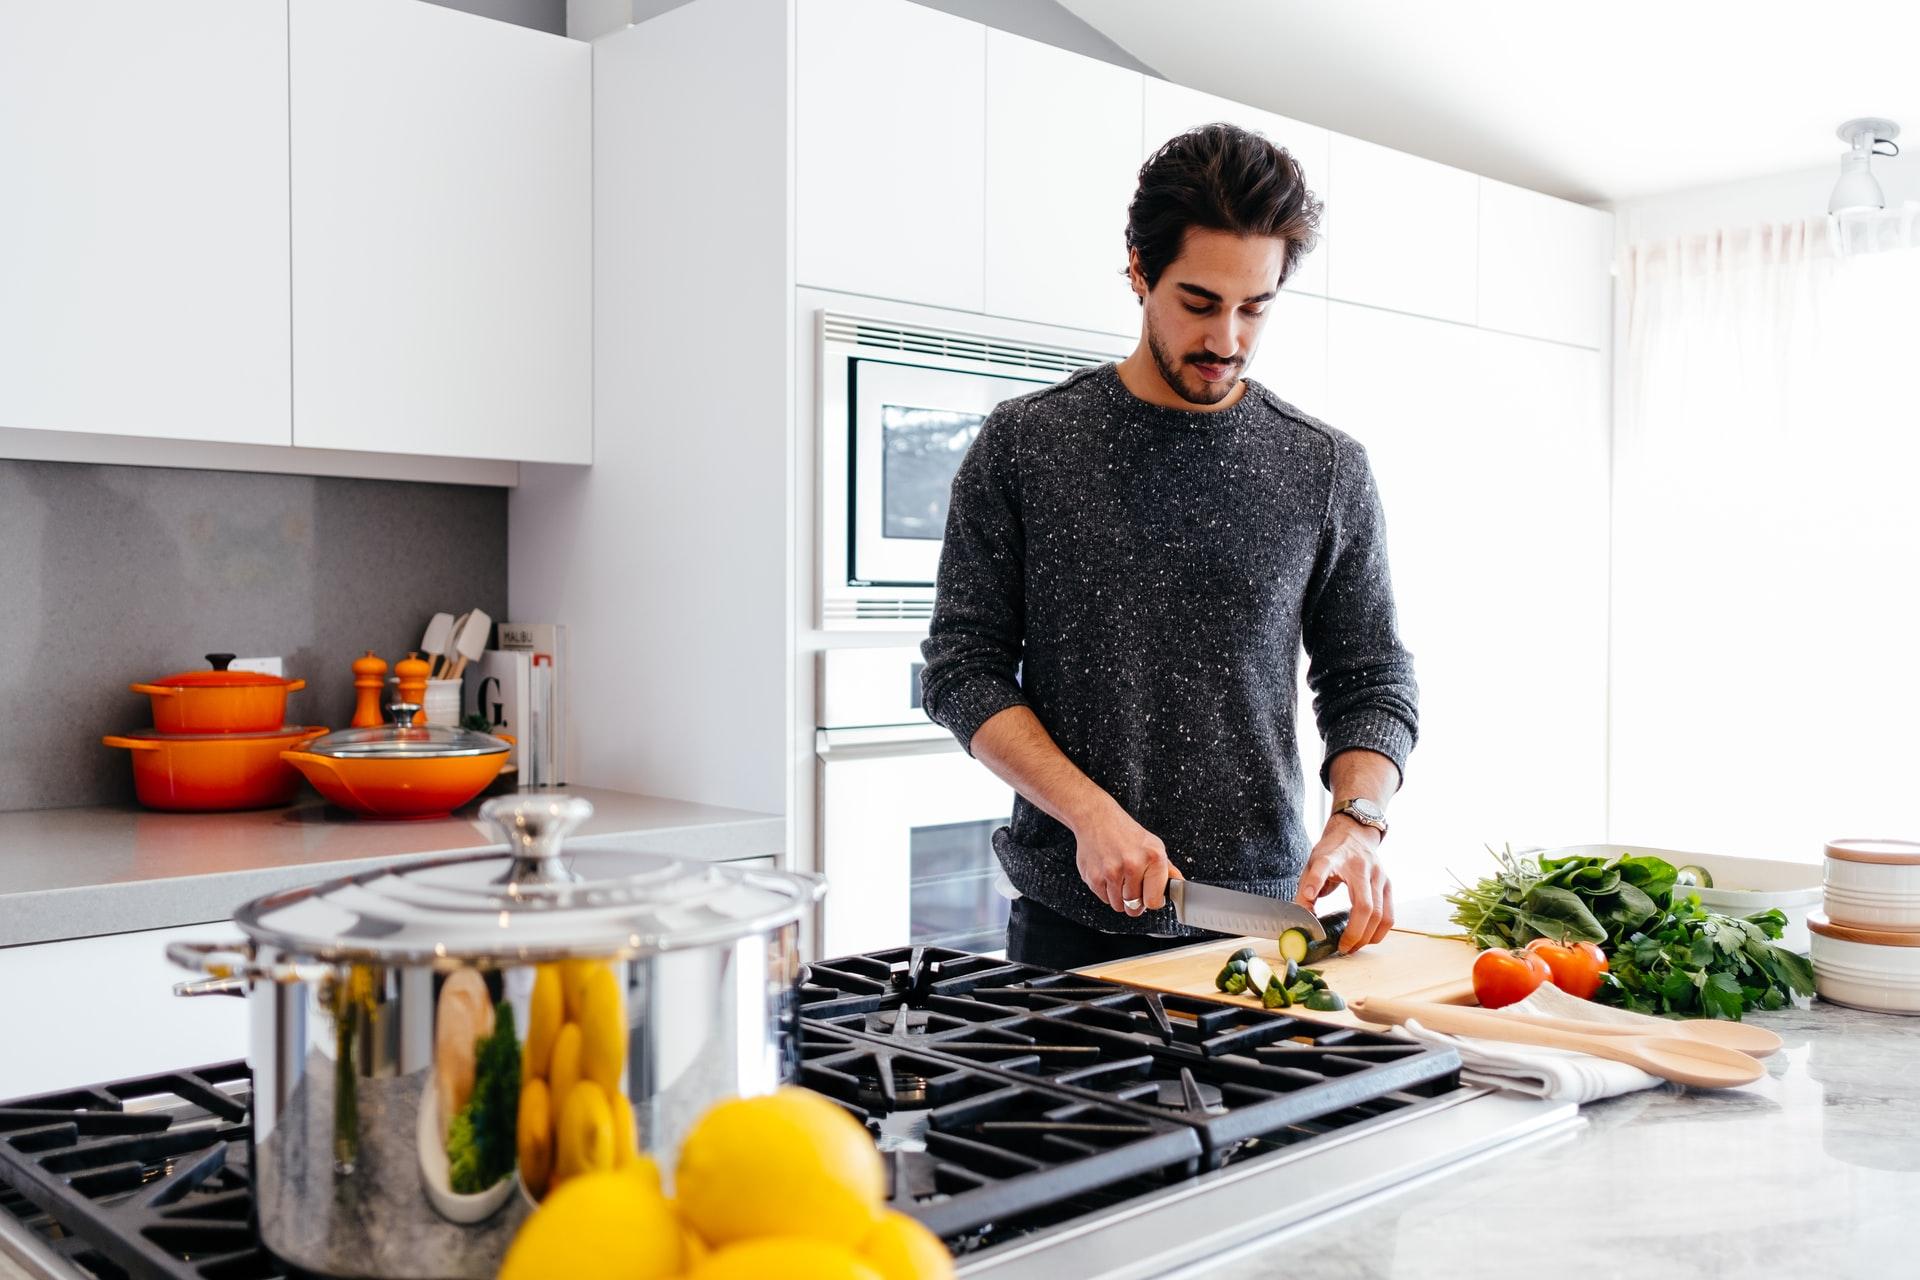 Vil du gerne have optimeret dit køkken?